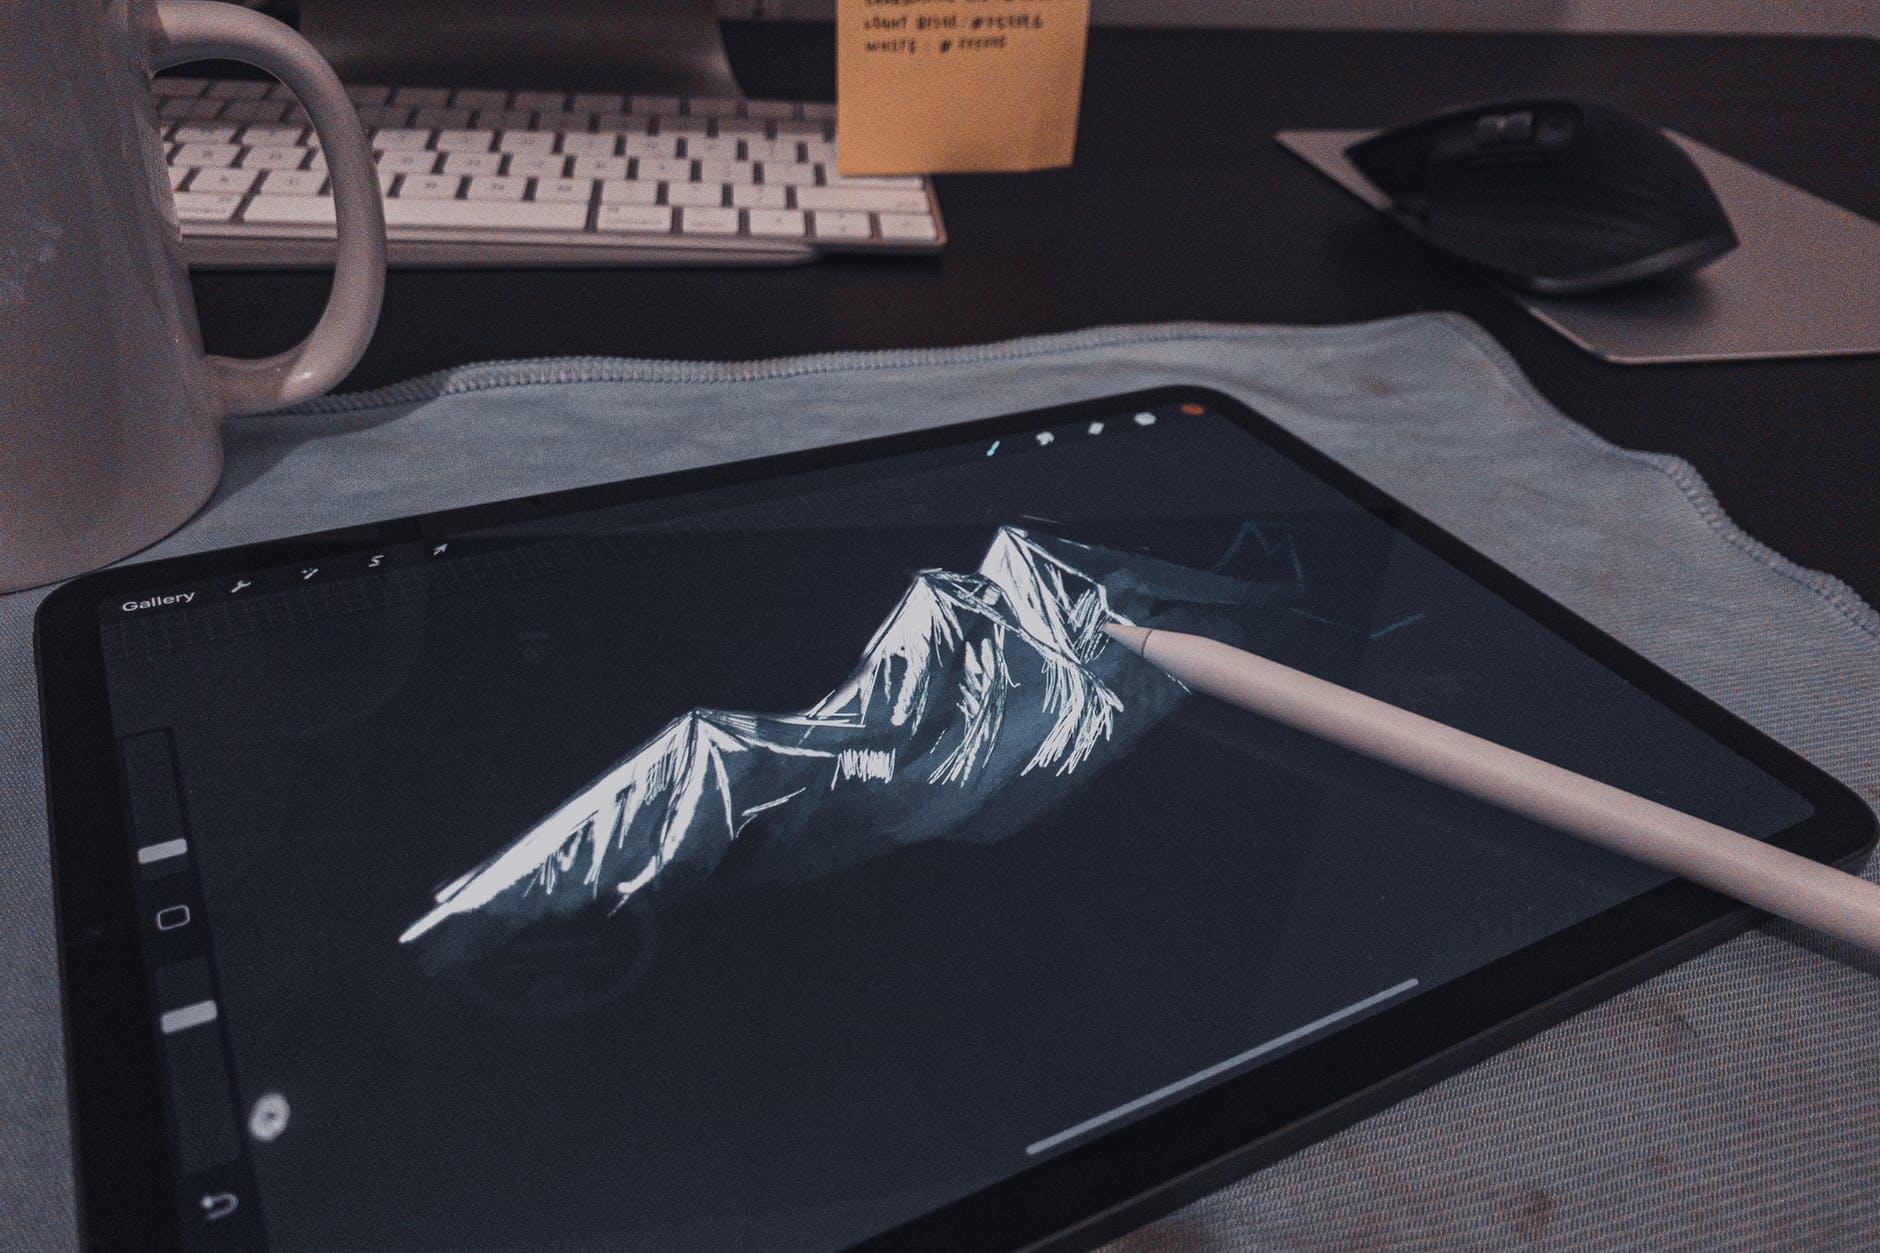 ما هي أبرز أخطاء تصميم الجرافيك التي عليك الانتباه لها؟